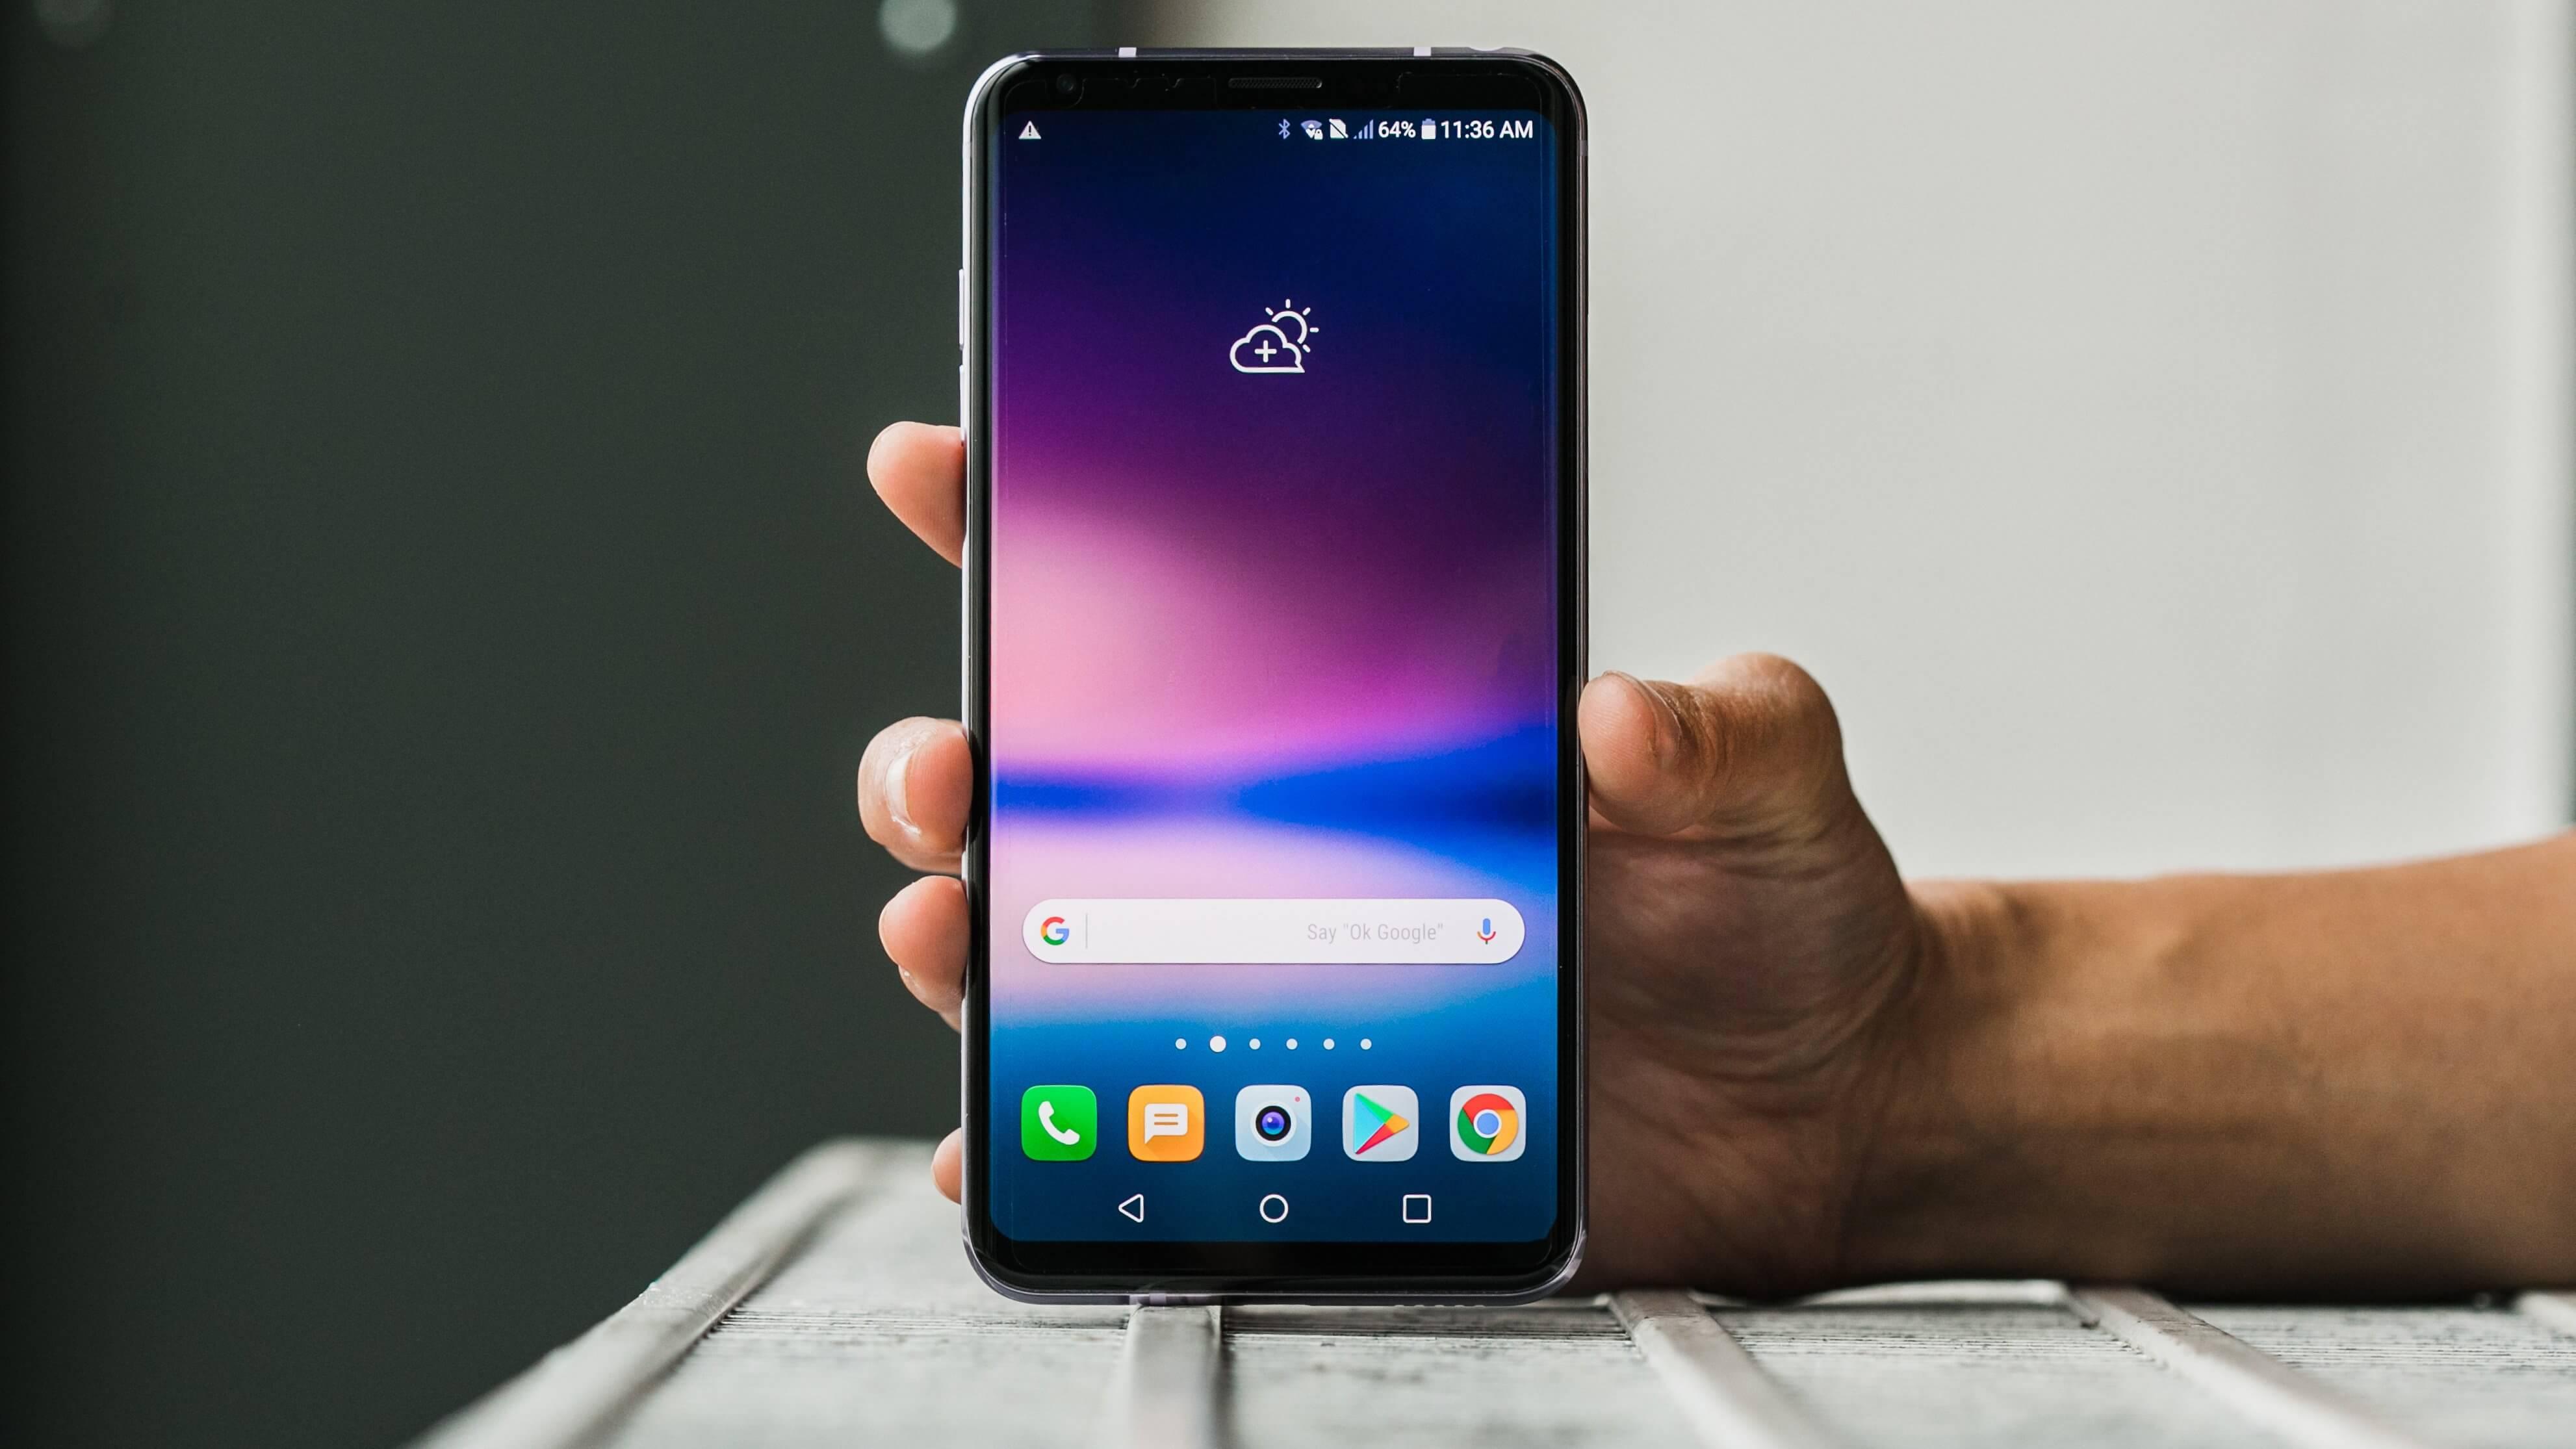 Uma pessoa segurando o celular LG V30, lançado em 2017 pela empresa